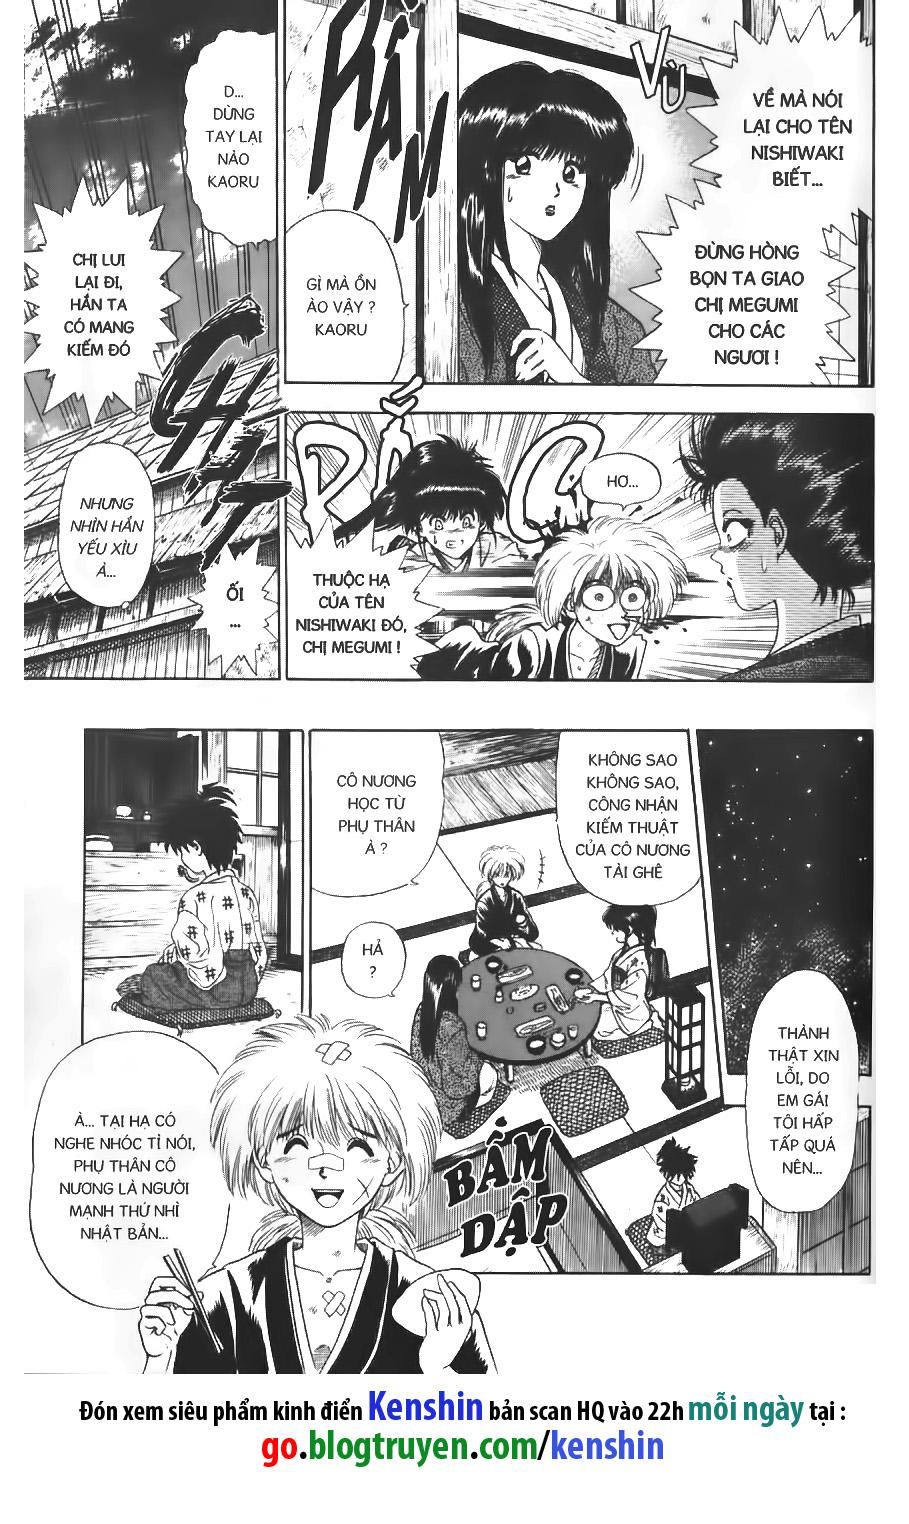 Rurouni Kenshin chap 22.5 trang 8